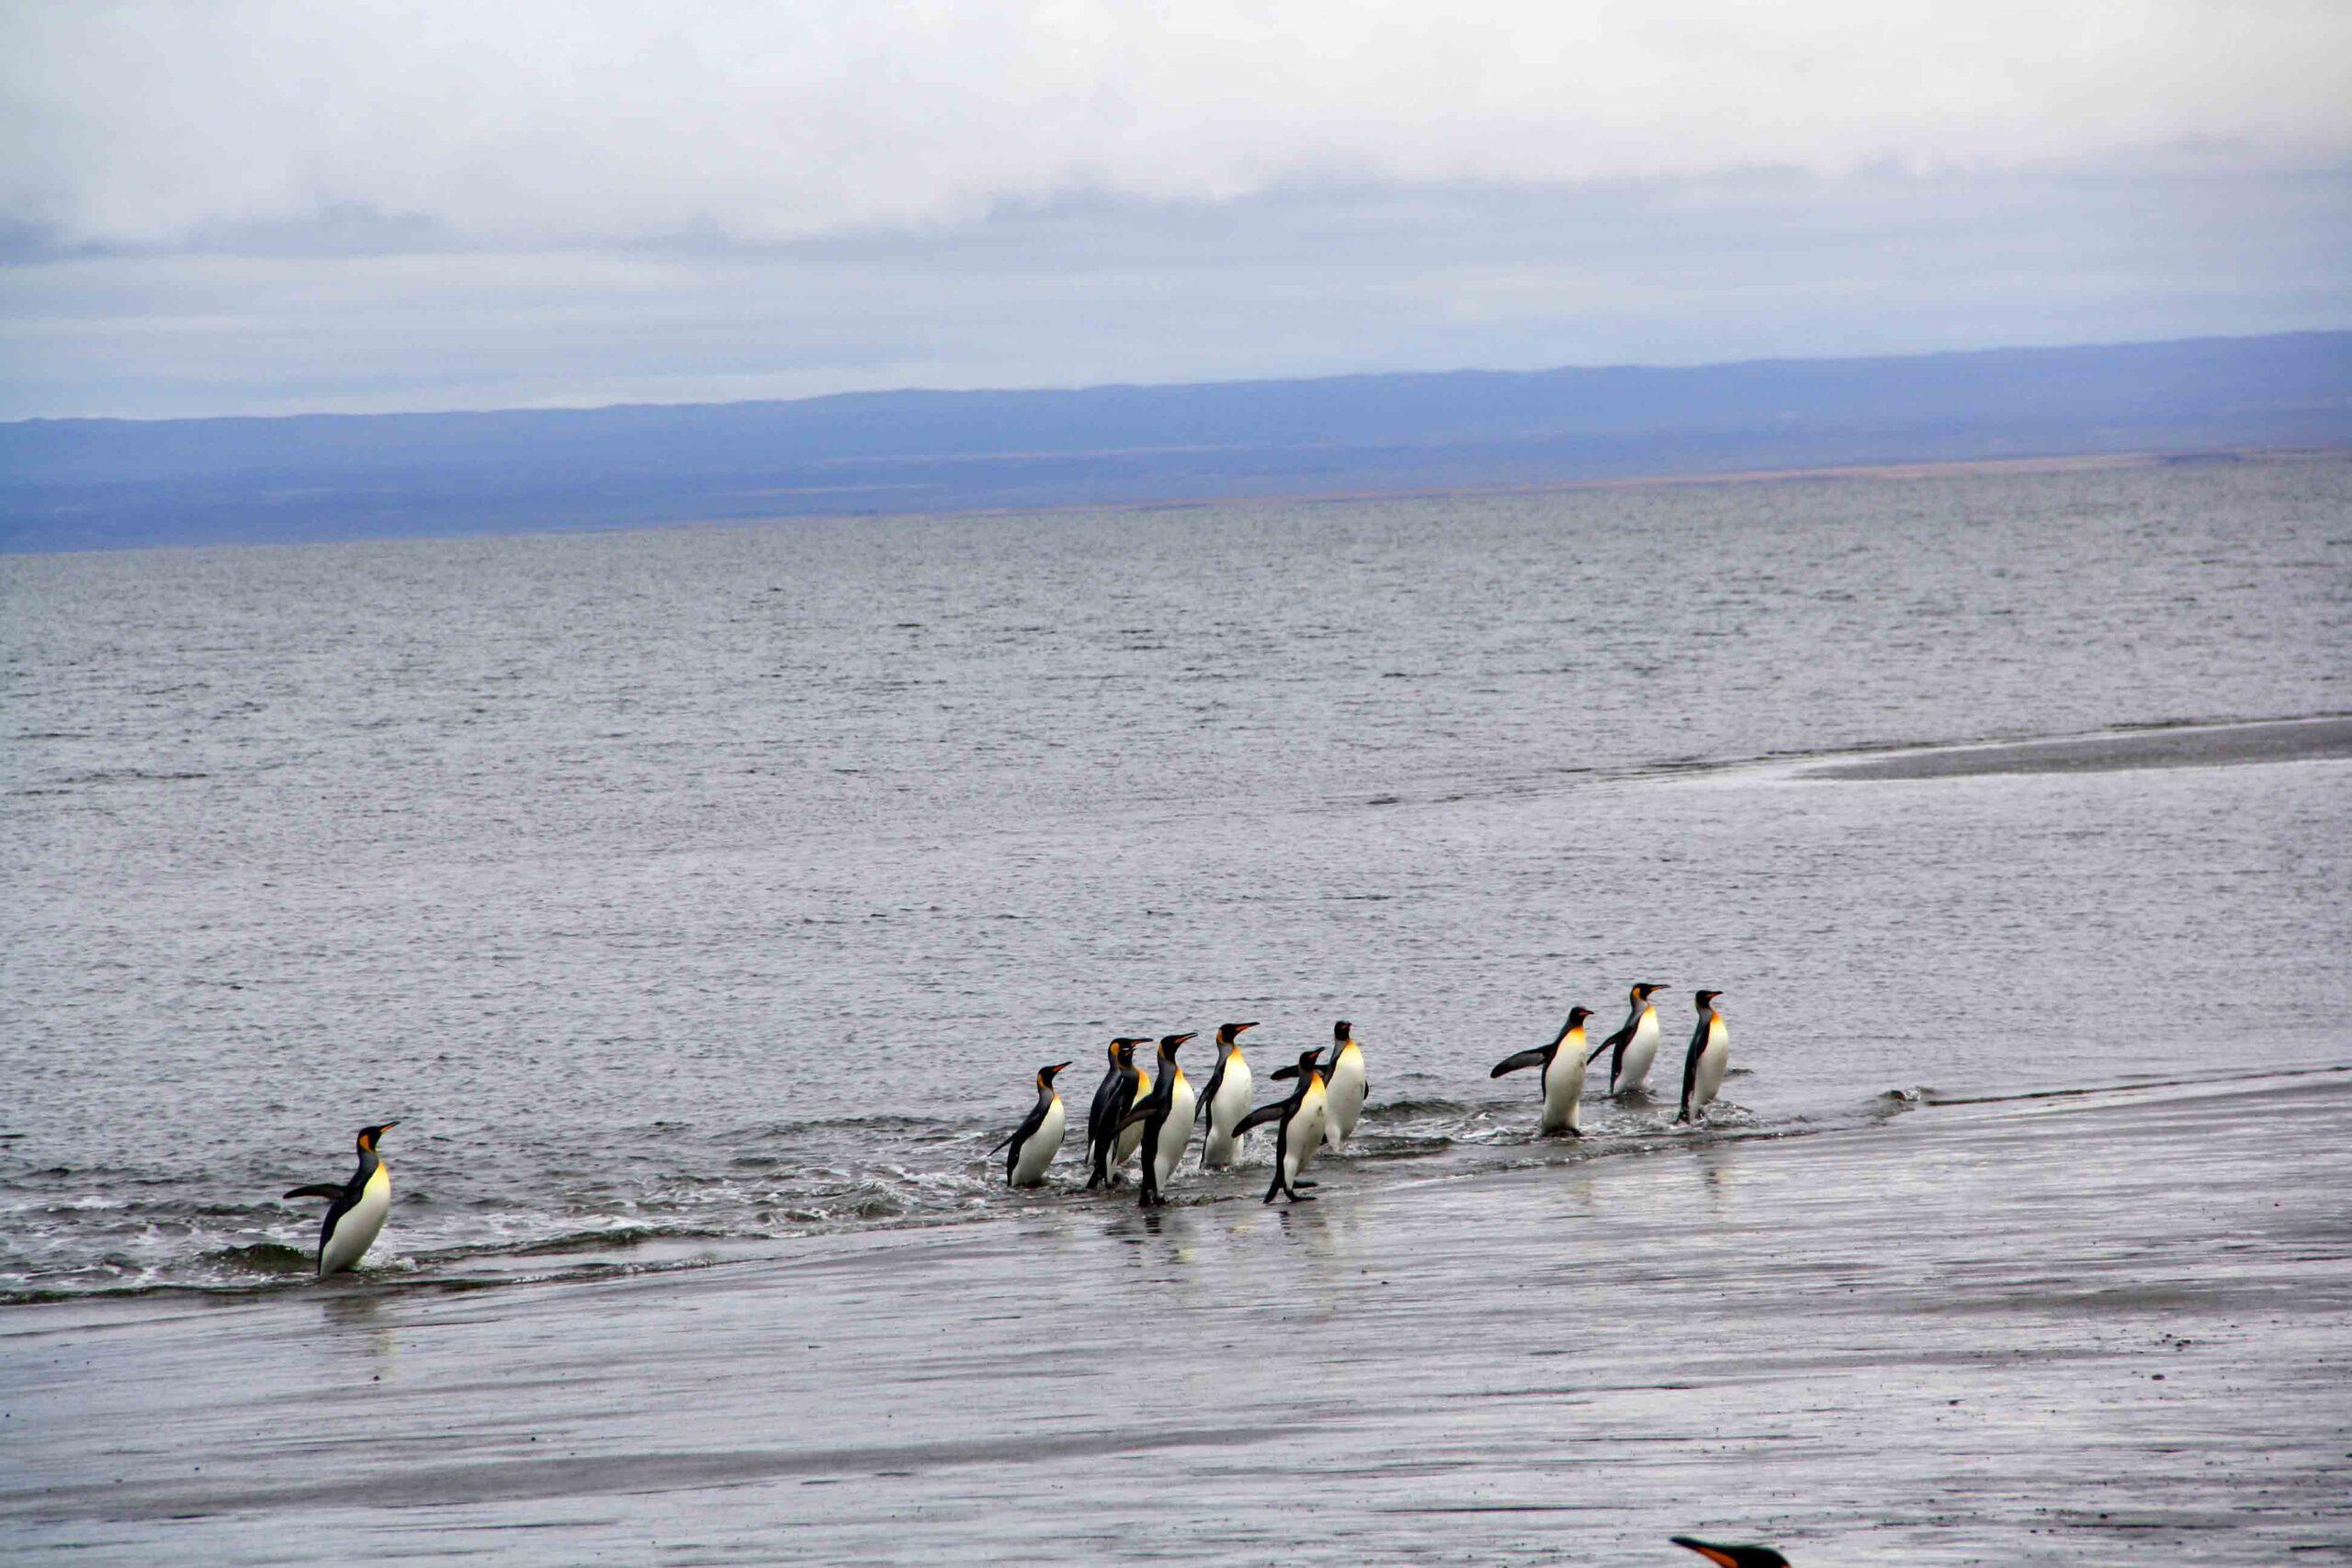 Swimming pinguïns in Porvenir Argentina